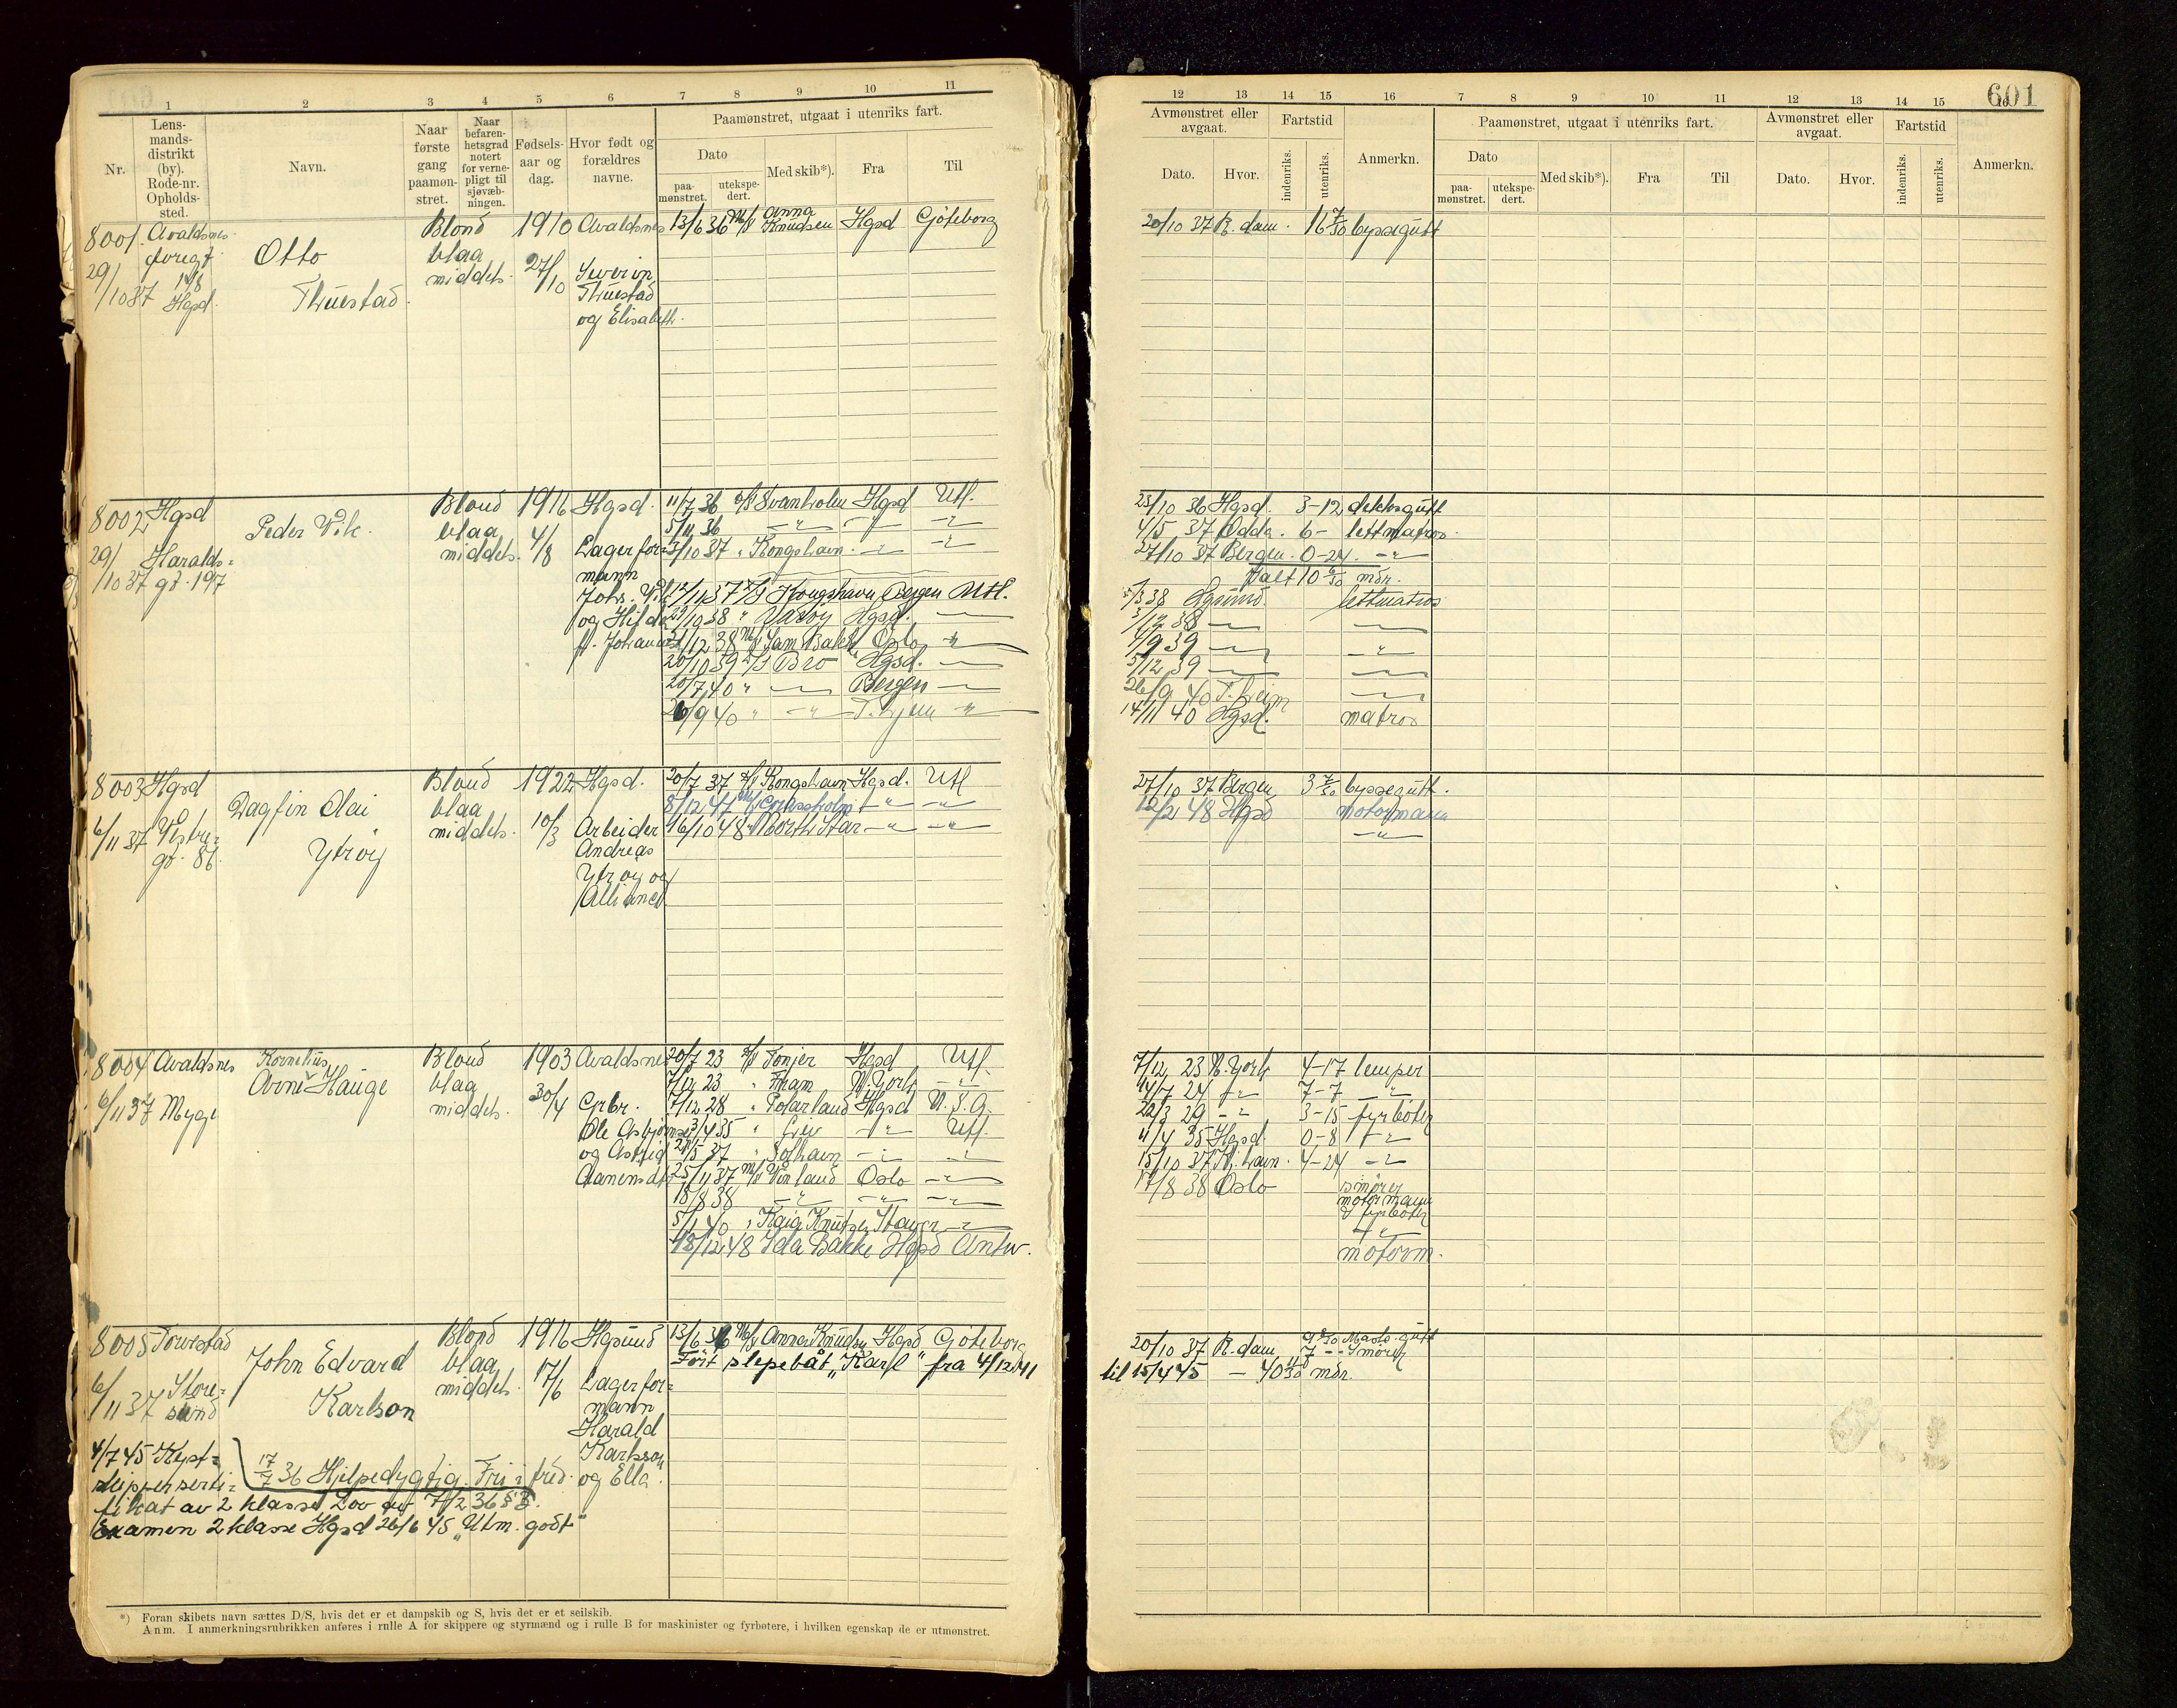 SAST, Haugesund sjømannskontor, F/Fb/Fbb/L0015: Sjøfartsrulle A Haugesund krets I nr 5001-8970, 1912-1948, s. 601